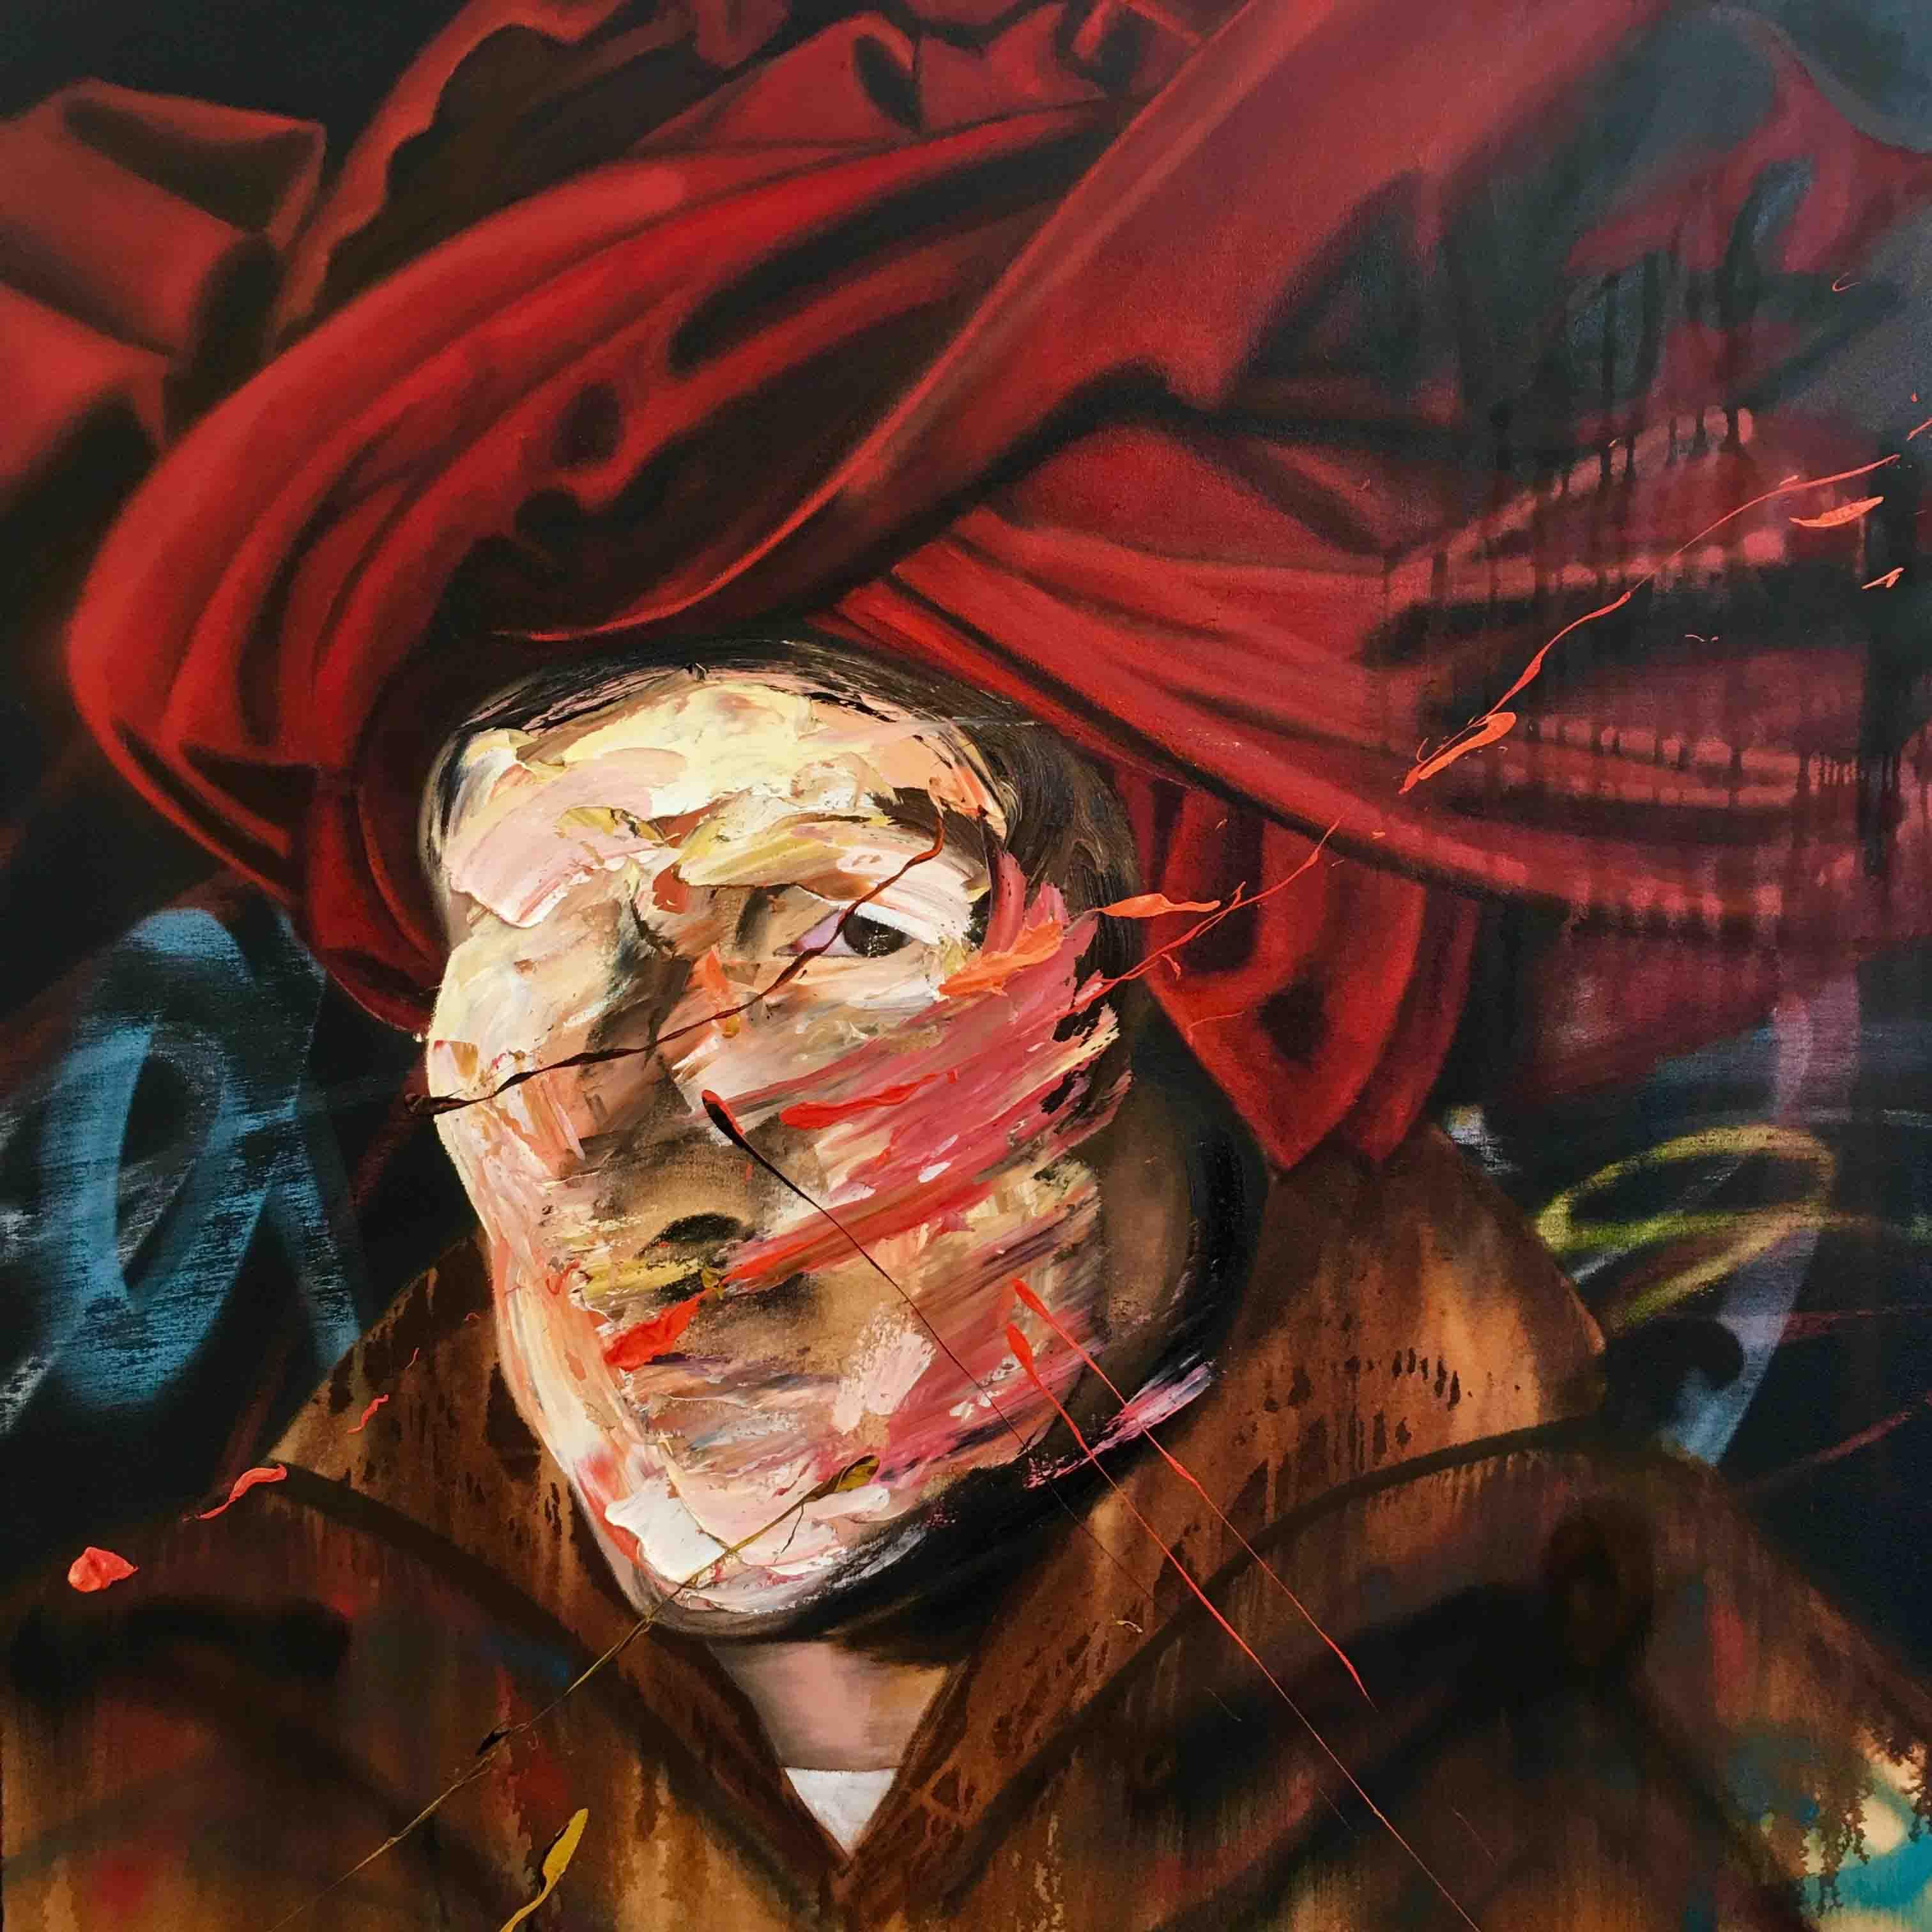 After van Eyck, 110 cm x 110 cm